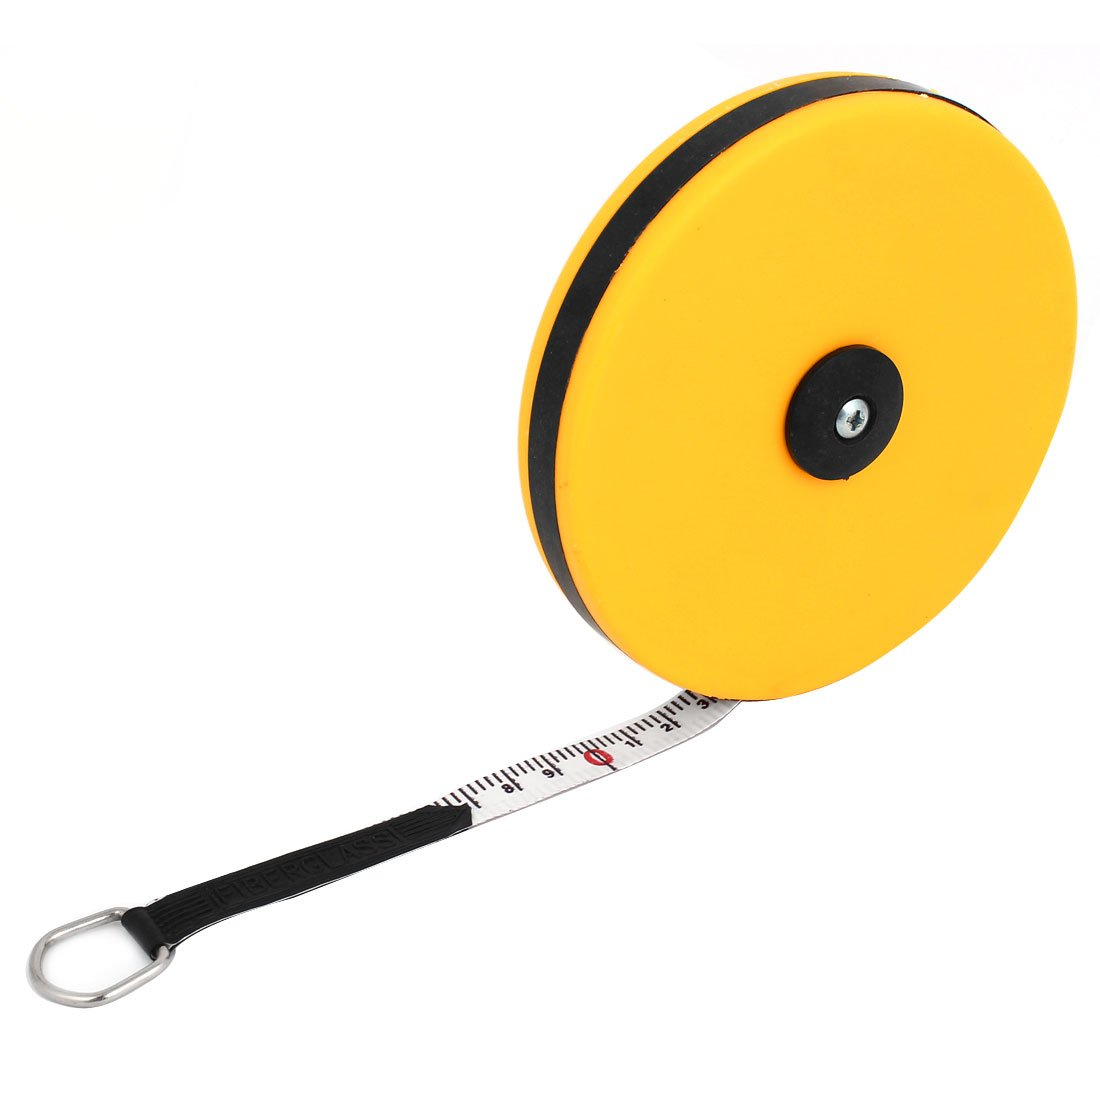 Yellow Fiberglass Retractable Metric Ruler Measure Tape 20M 65Ft